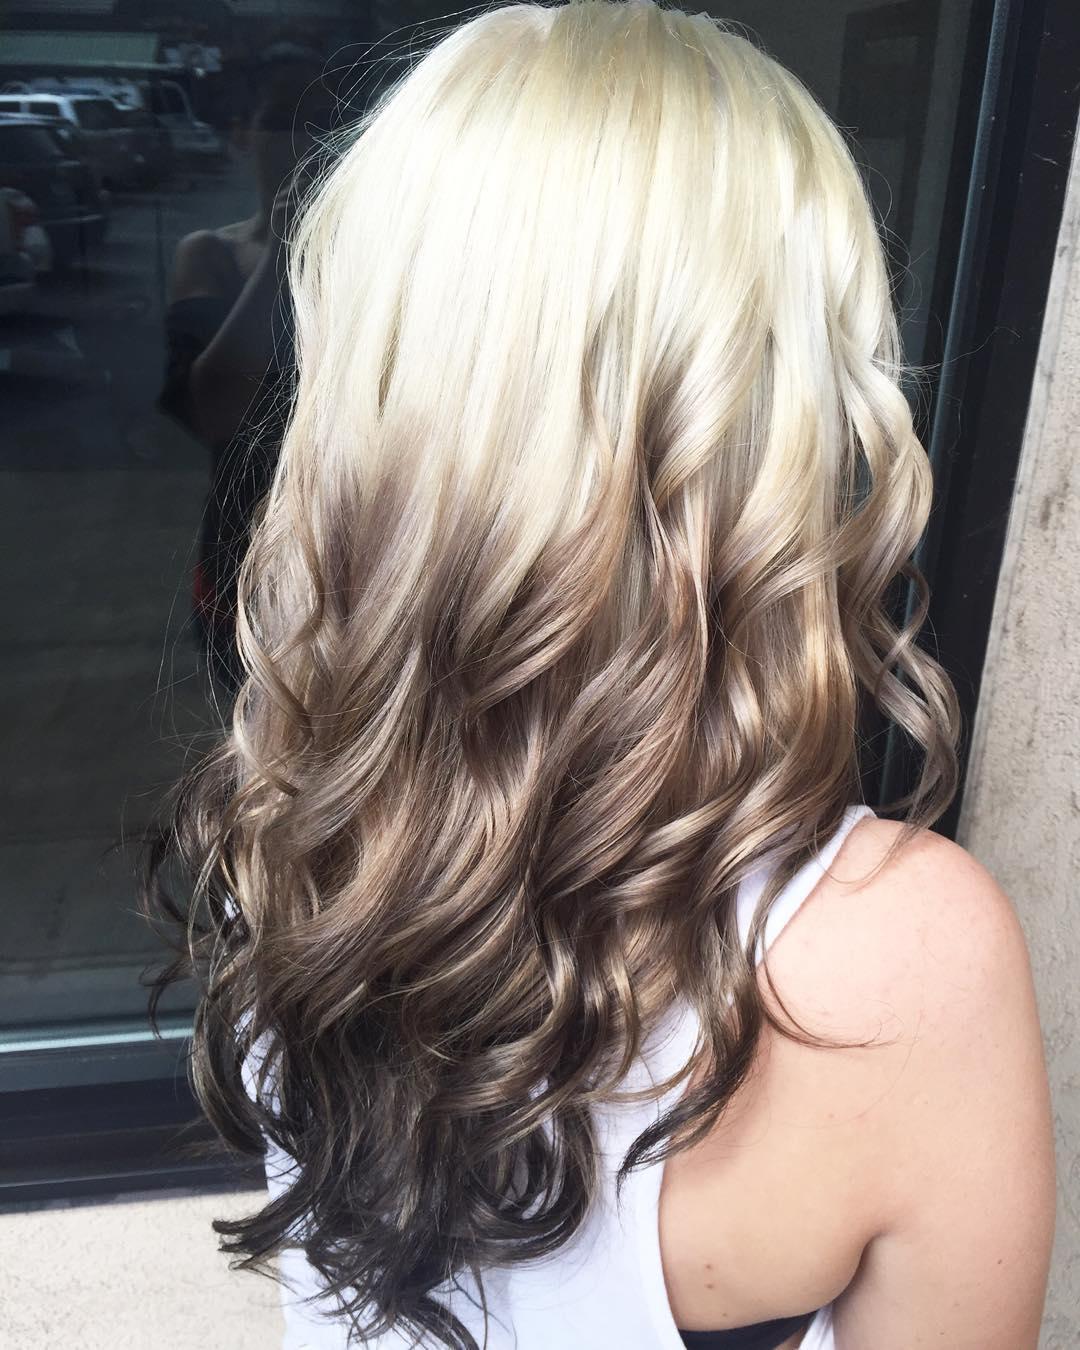 30 Dirty Blonde Hair Ideas 30 Dirty Blonde Hair Ideas new pics